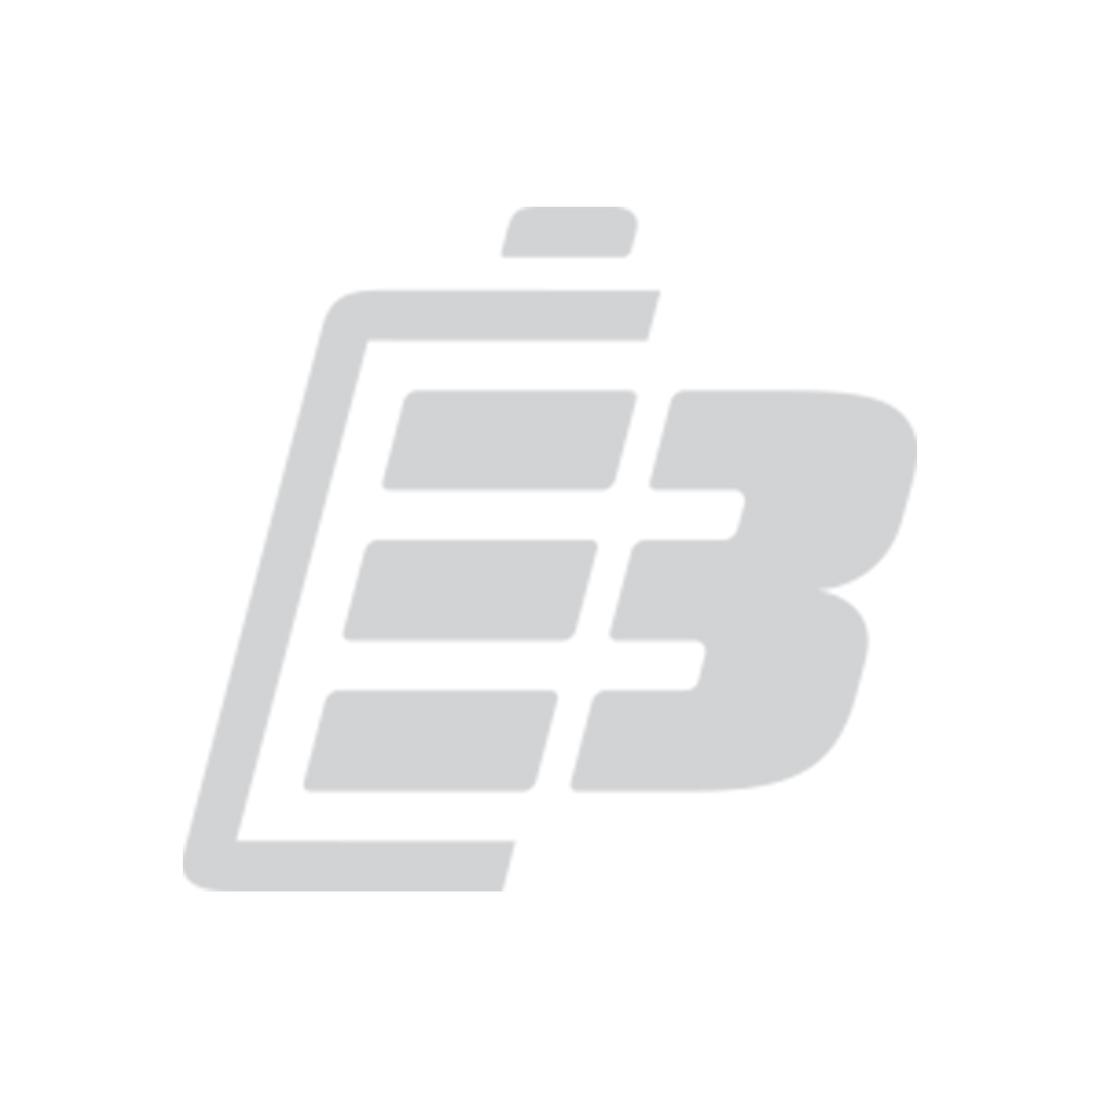 Fenix E18R LED Flashlight